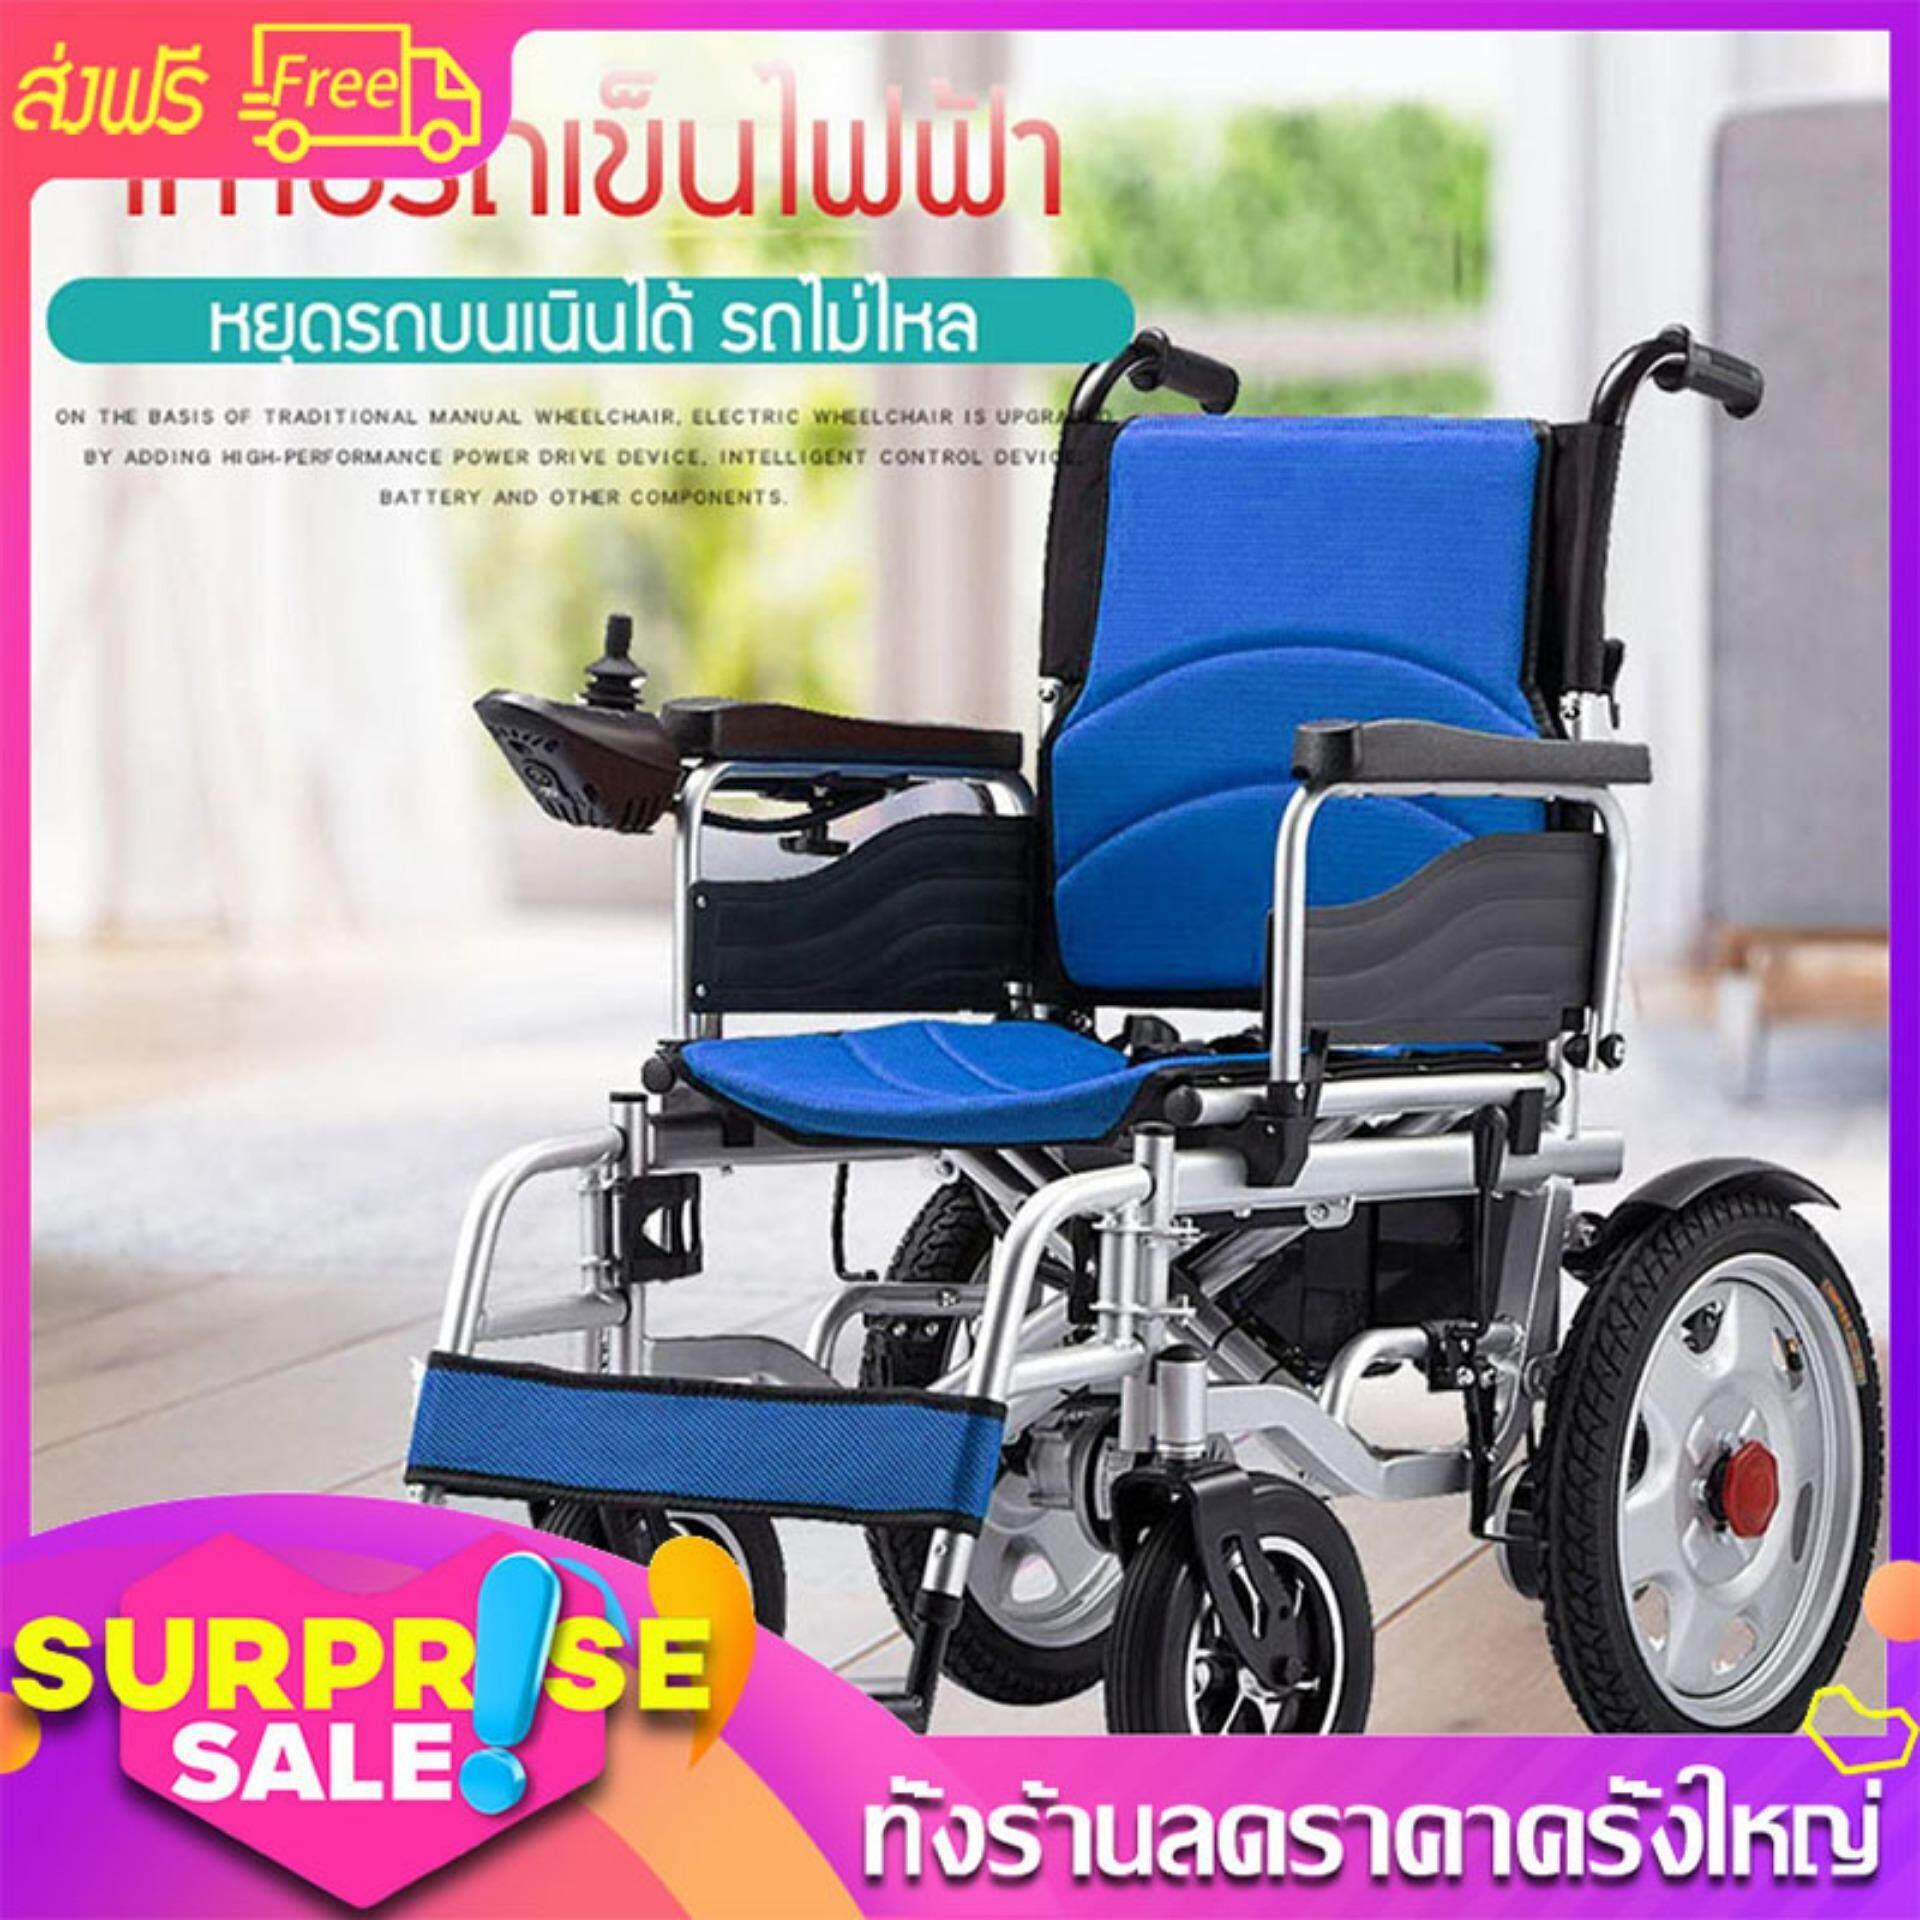 เก้าอี้รถเข็นไฟฟ้า รุ่นอัพเกรด Wheelchair รถเข็นผู้ป่วย รถเข็นผู้สูงอายุ มือคอนโทรลได้ มีเบรคมือ ล้อหนา แข็งเเรง ปลอดภัย รับนน.ได้มาก beauti house